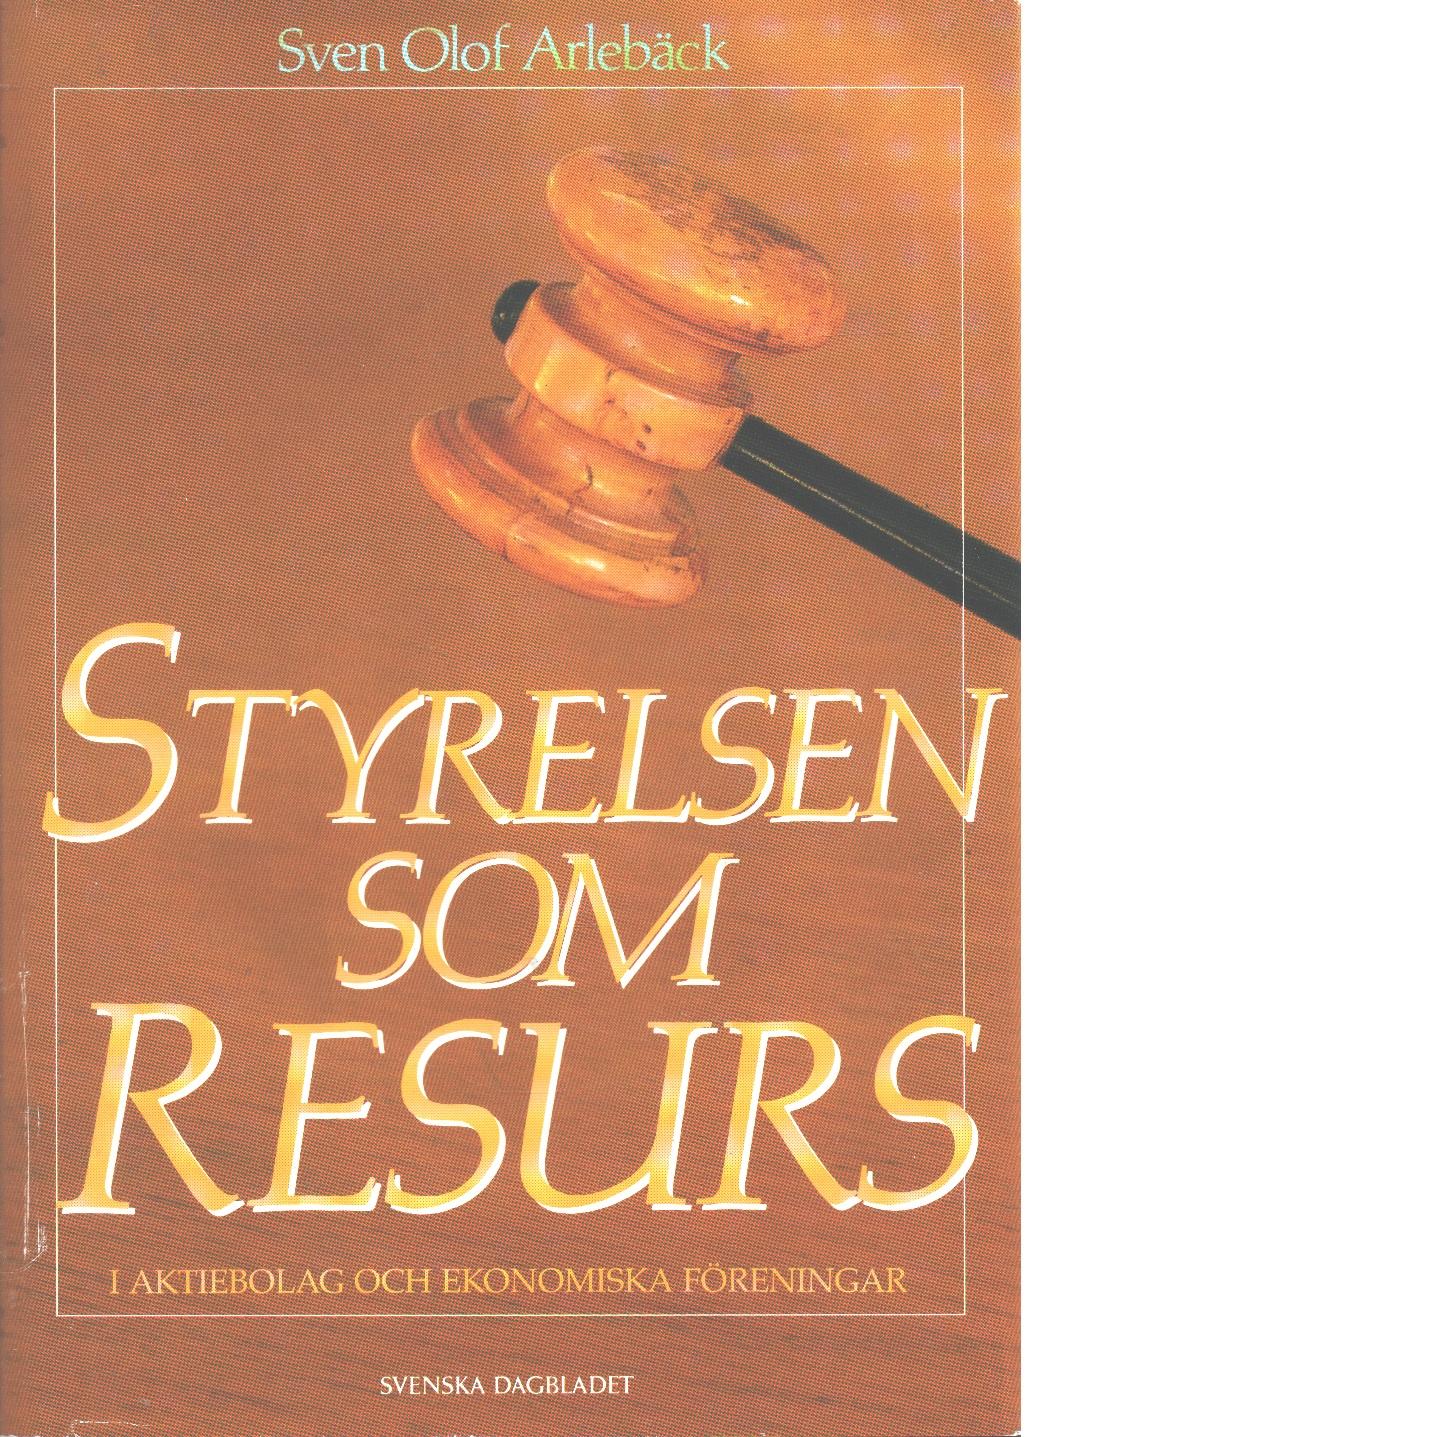 Styrelsen som resurs i aktiebolag och ekonomiska föreningar - Arlebäck, Sven Olof